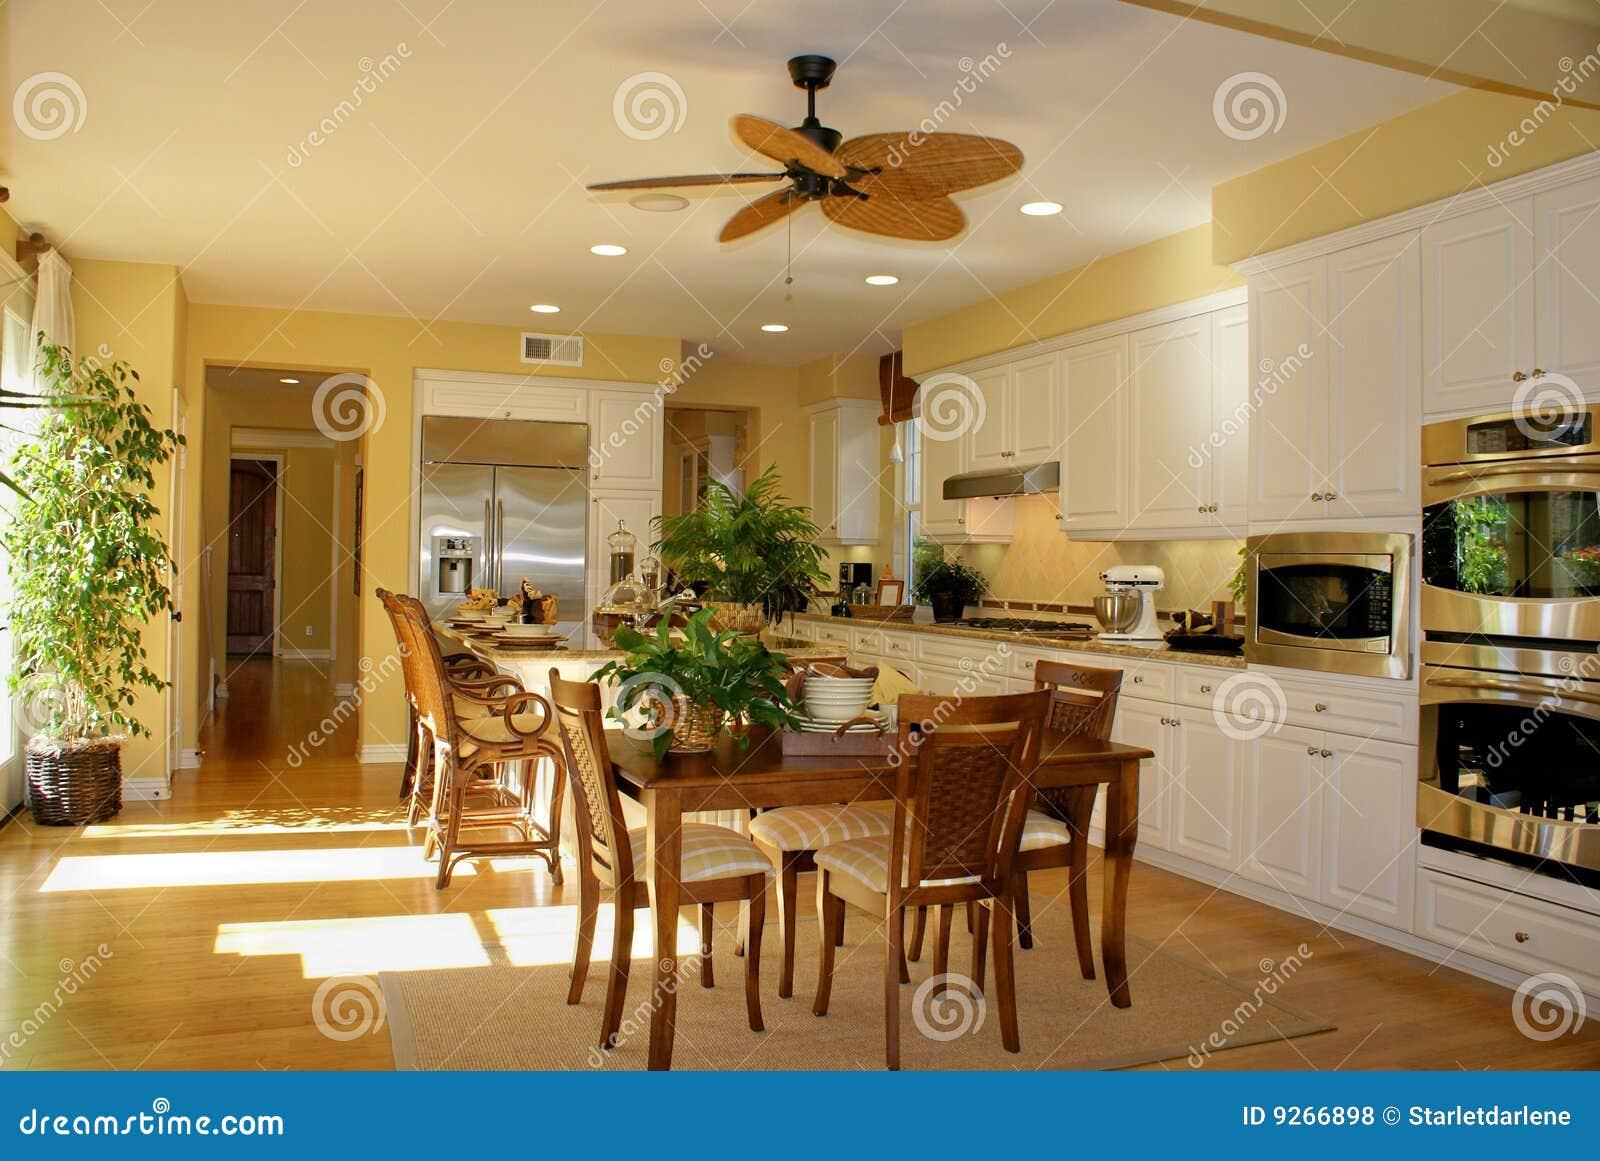 Pareti Cucina Giallo : Colore soggiorno giallo idee per il design della casa